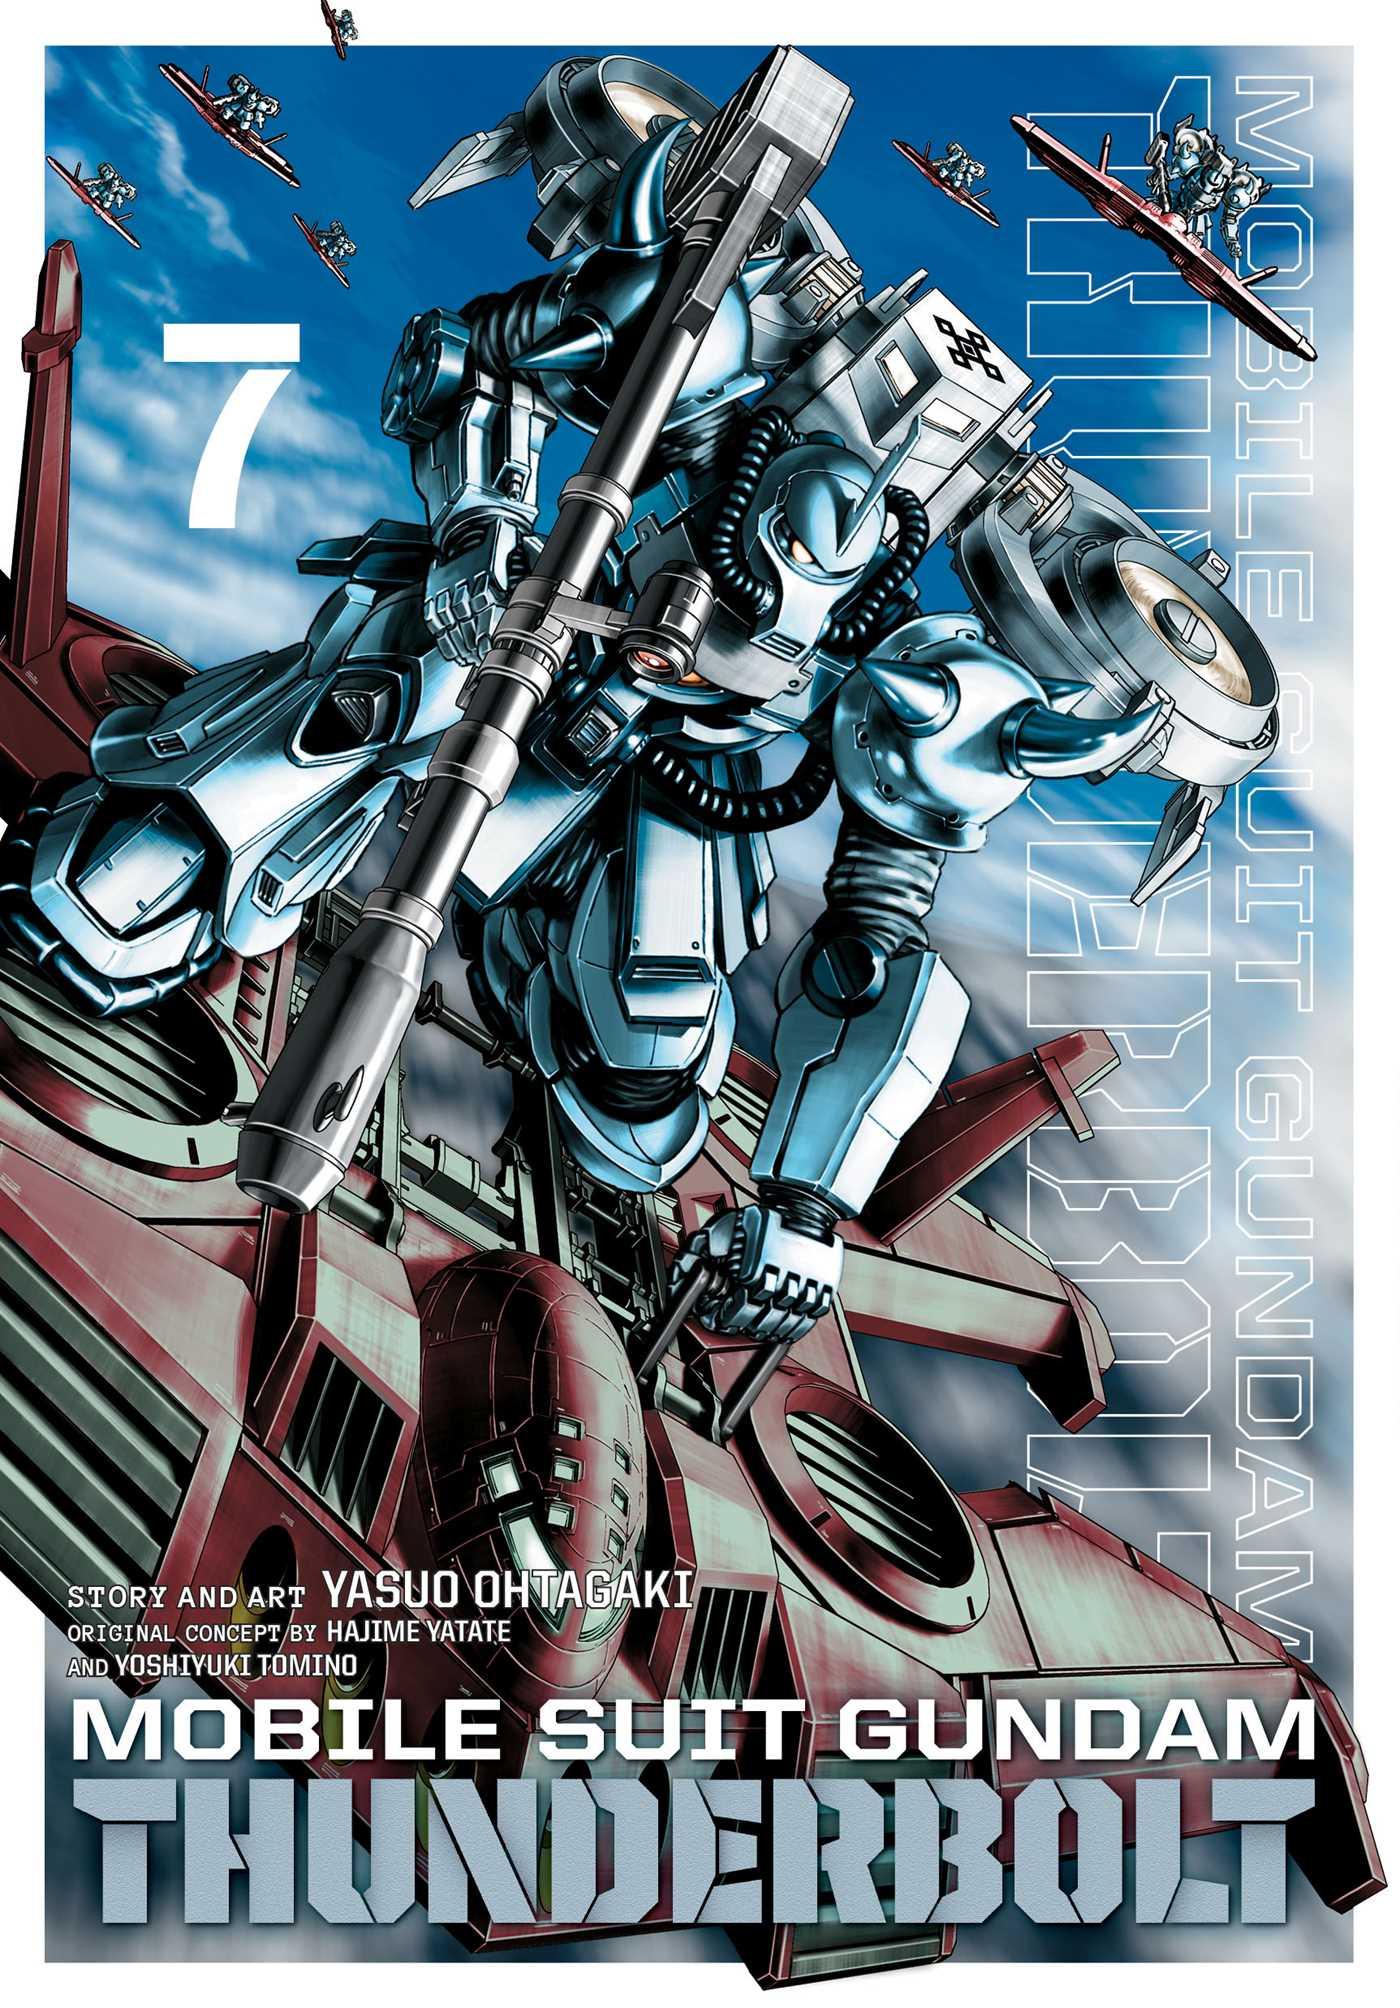 Mobile Suit Gundam Thunderbolt vol. 7.jpg